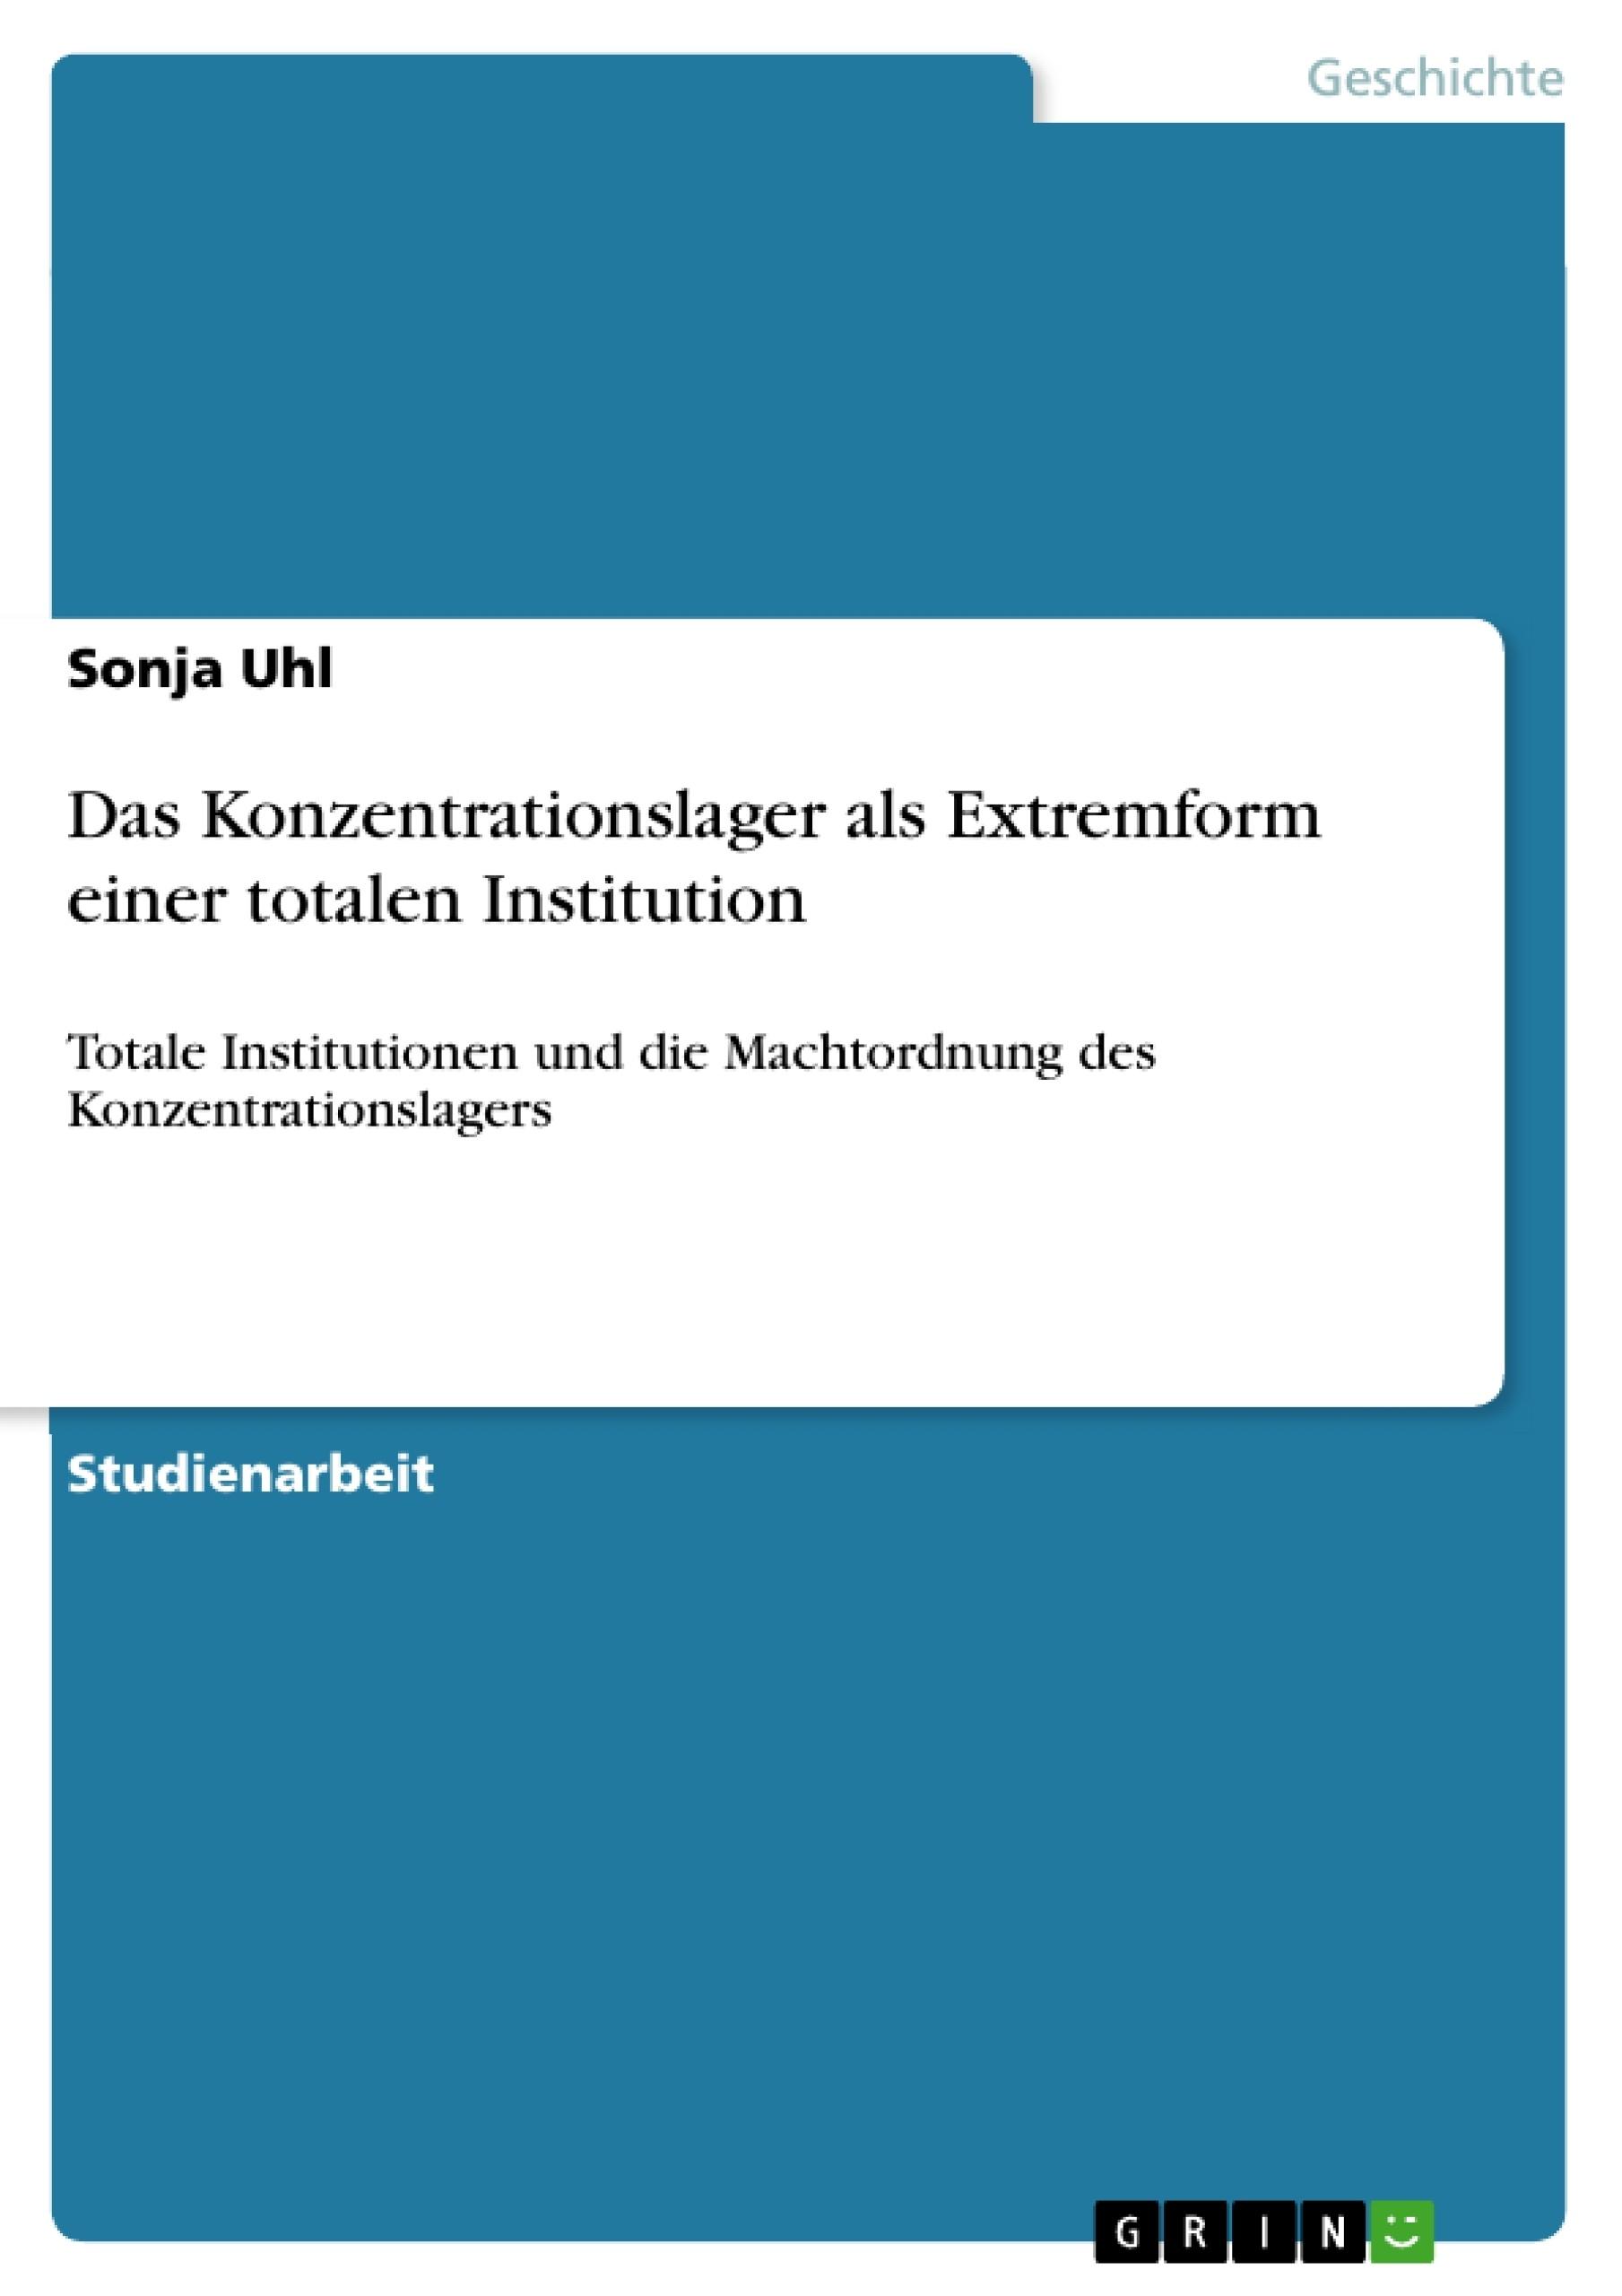 Titel: Das Konzentrationslager als Extremform einer totalen Institution